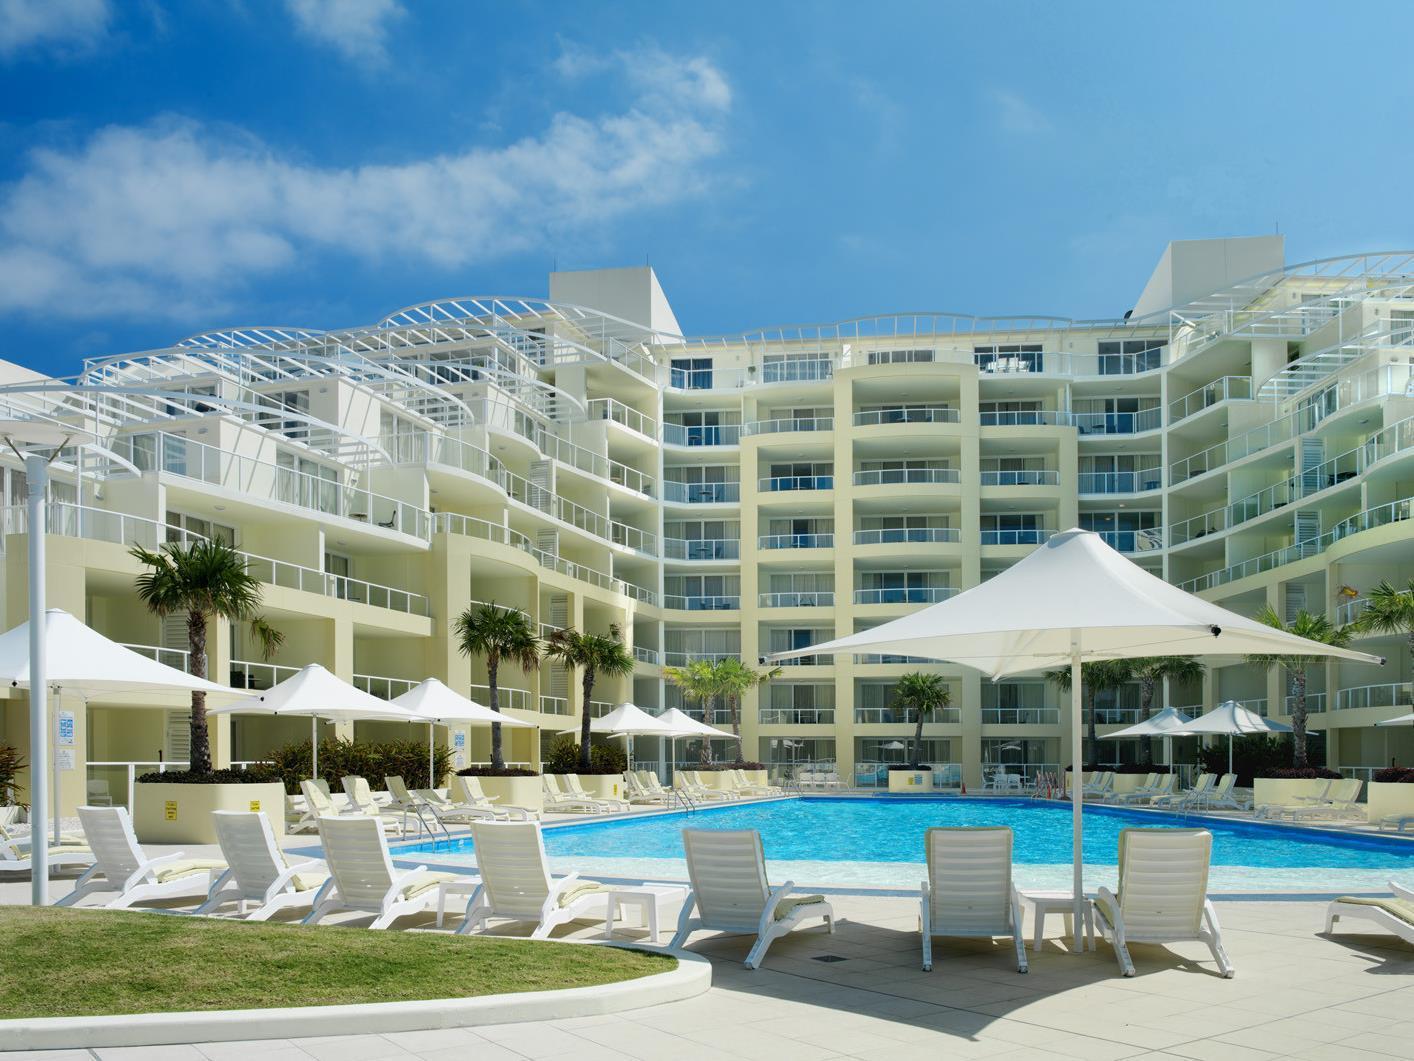 Mantra Ettalong Beach Hotel - Hotell och Boende i Australien , Central Coast